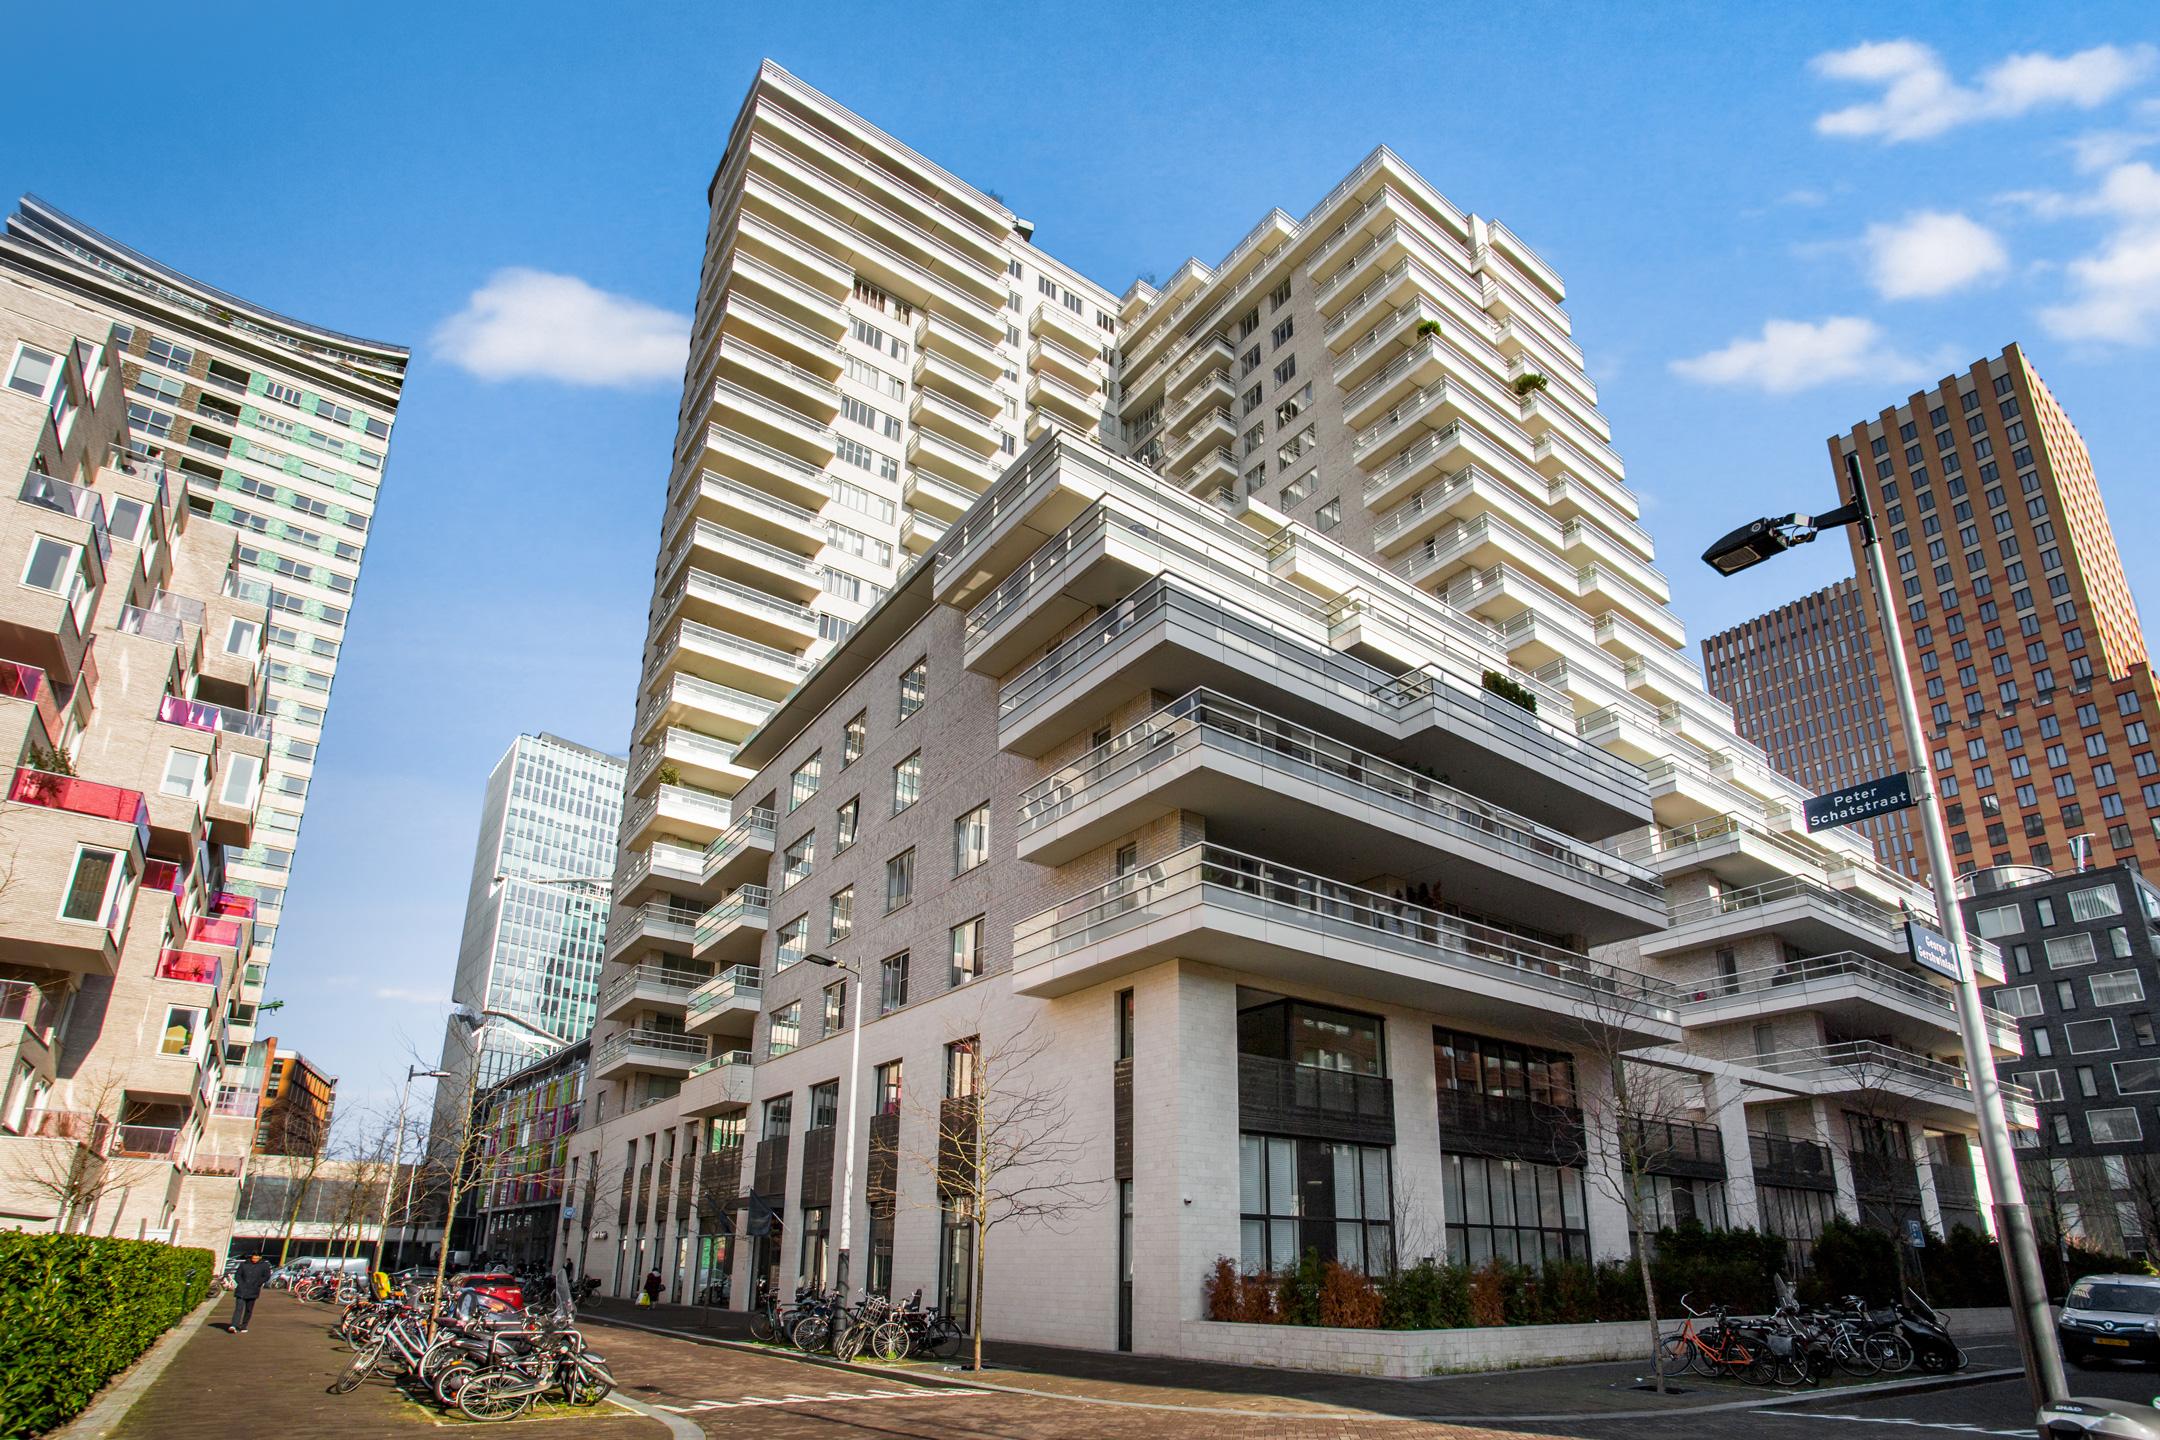 Lunshof makelaars Amstelveen en Amsterdam - Peter Schatstraat 93  Amsterdam